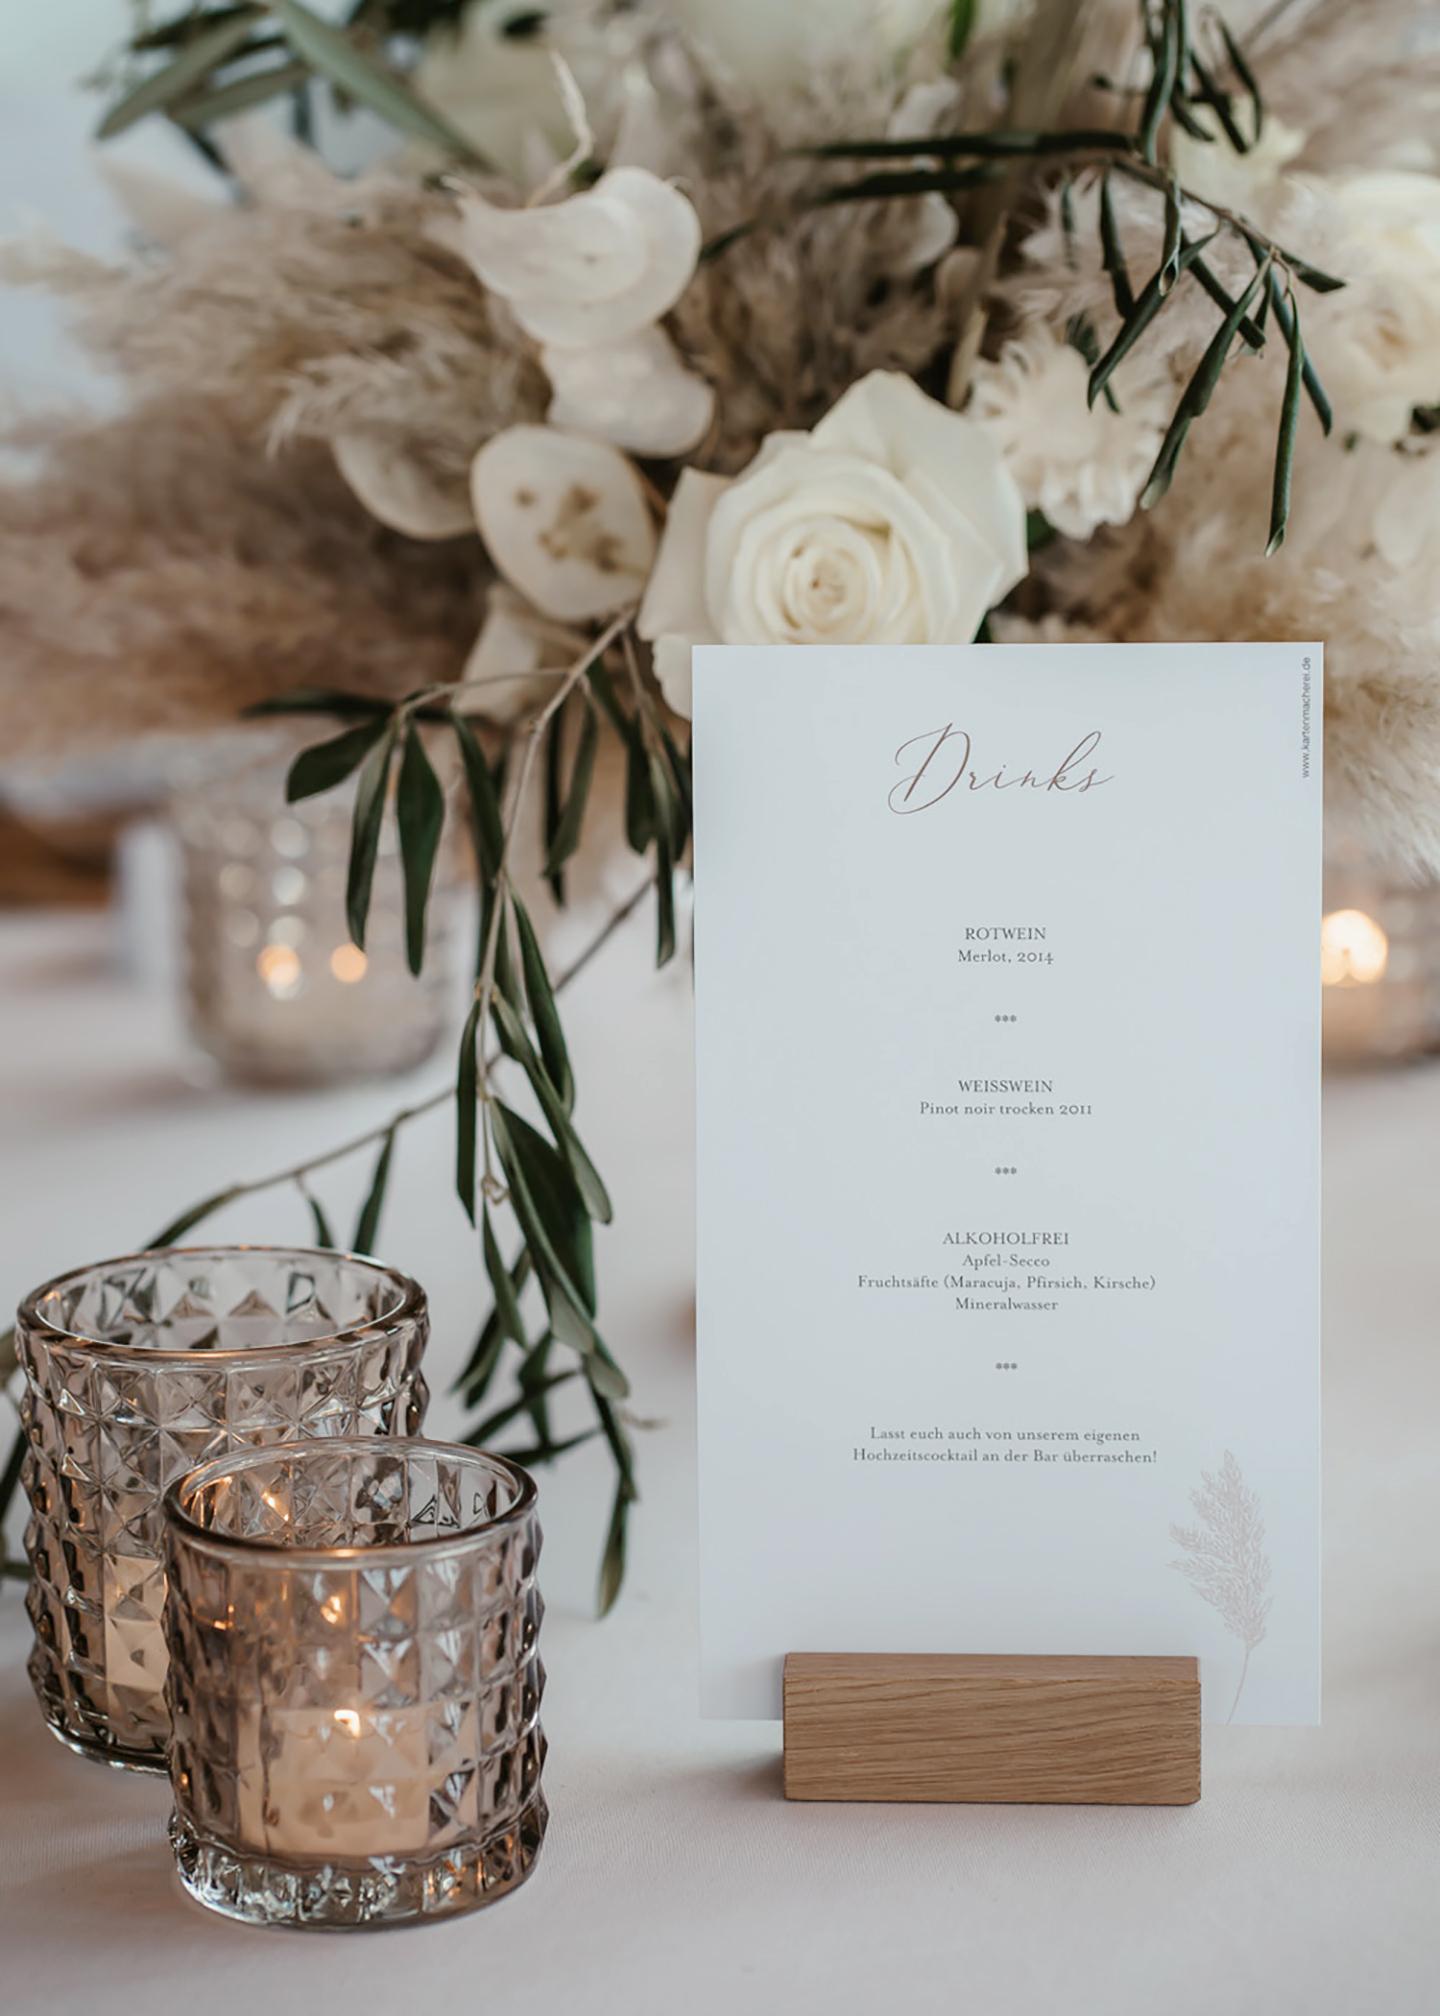 Die Menükarte ist von der Seite zu sehen, auf der die Getränke untereinander aufgelistet werden. Die Papeterie gleicht der Hochzeiteinladung in weiß mit gezeichneten Pampaswedeln und steht auf dem Hochzeitstisch.